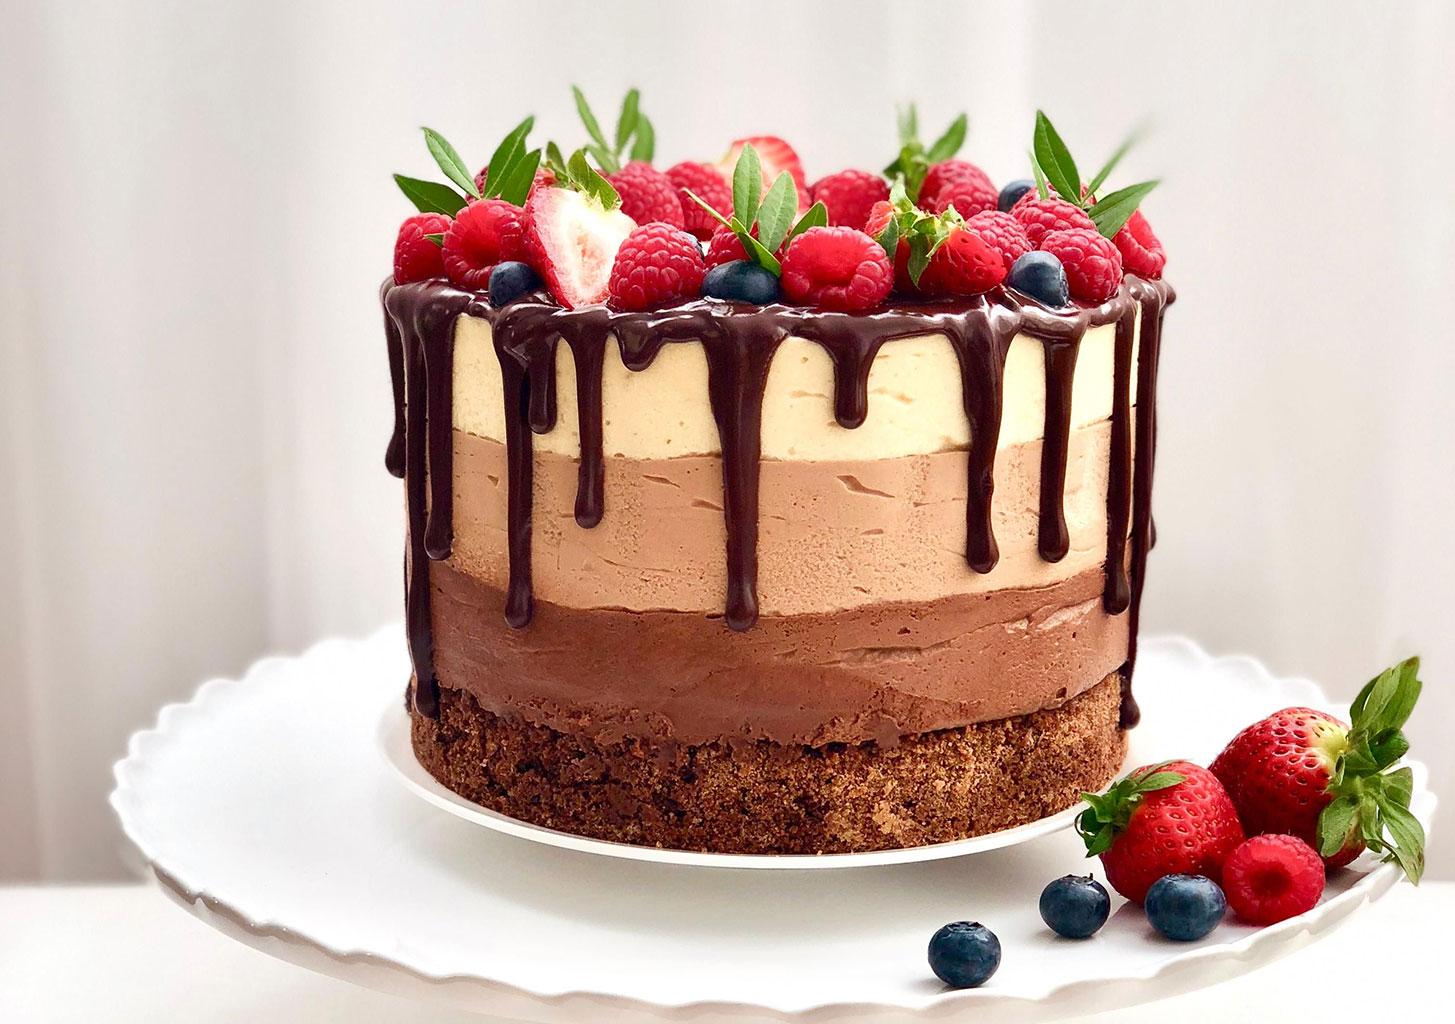 Украсить торт фруктами и ягодами